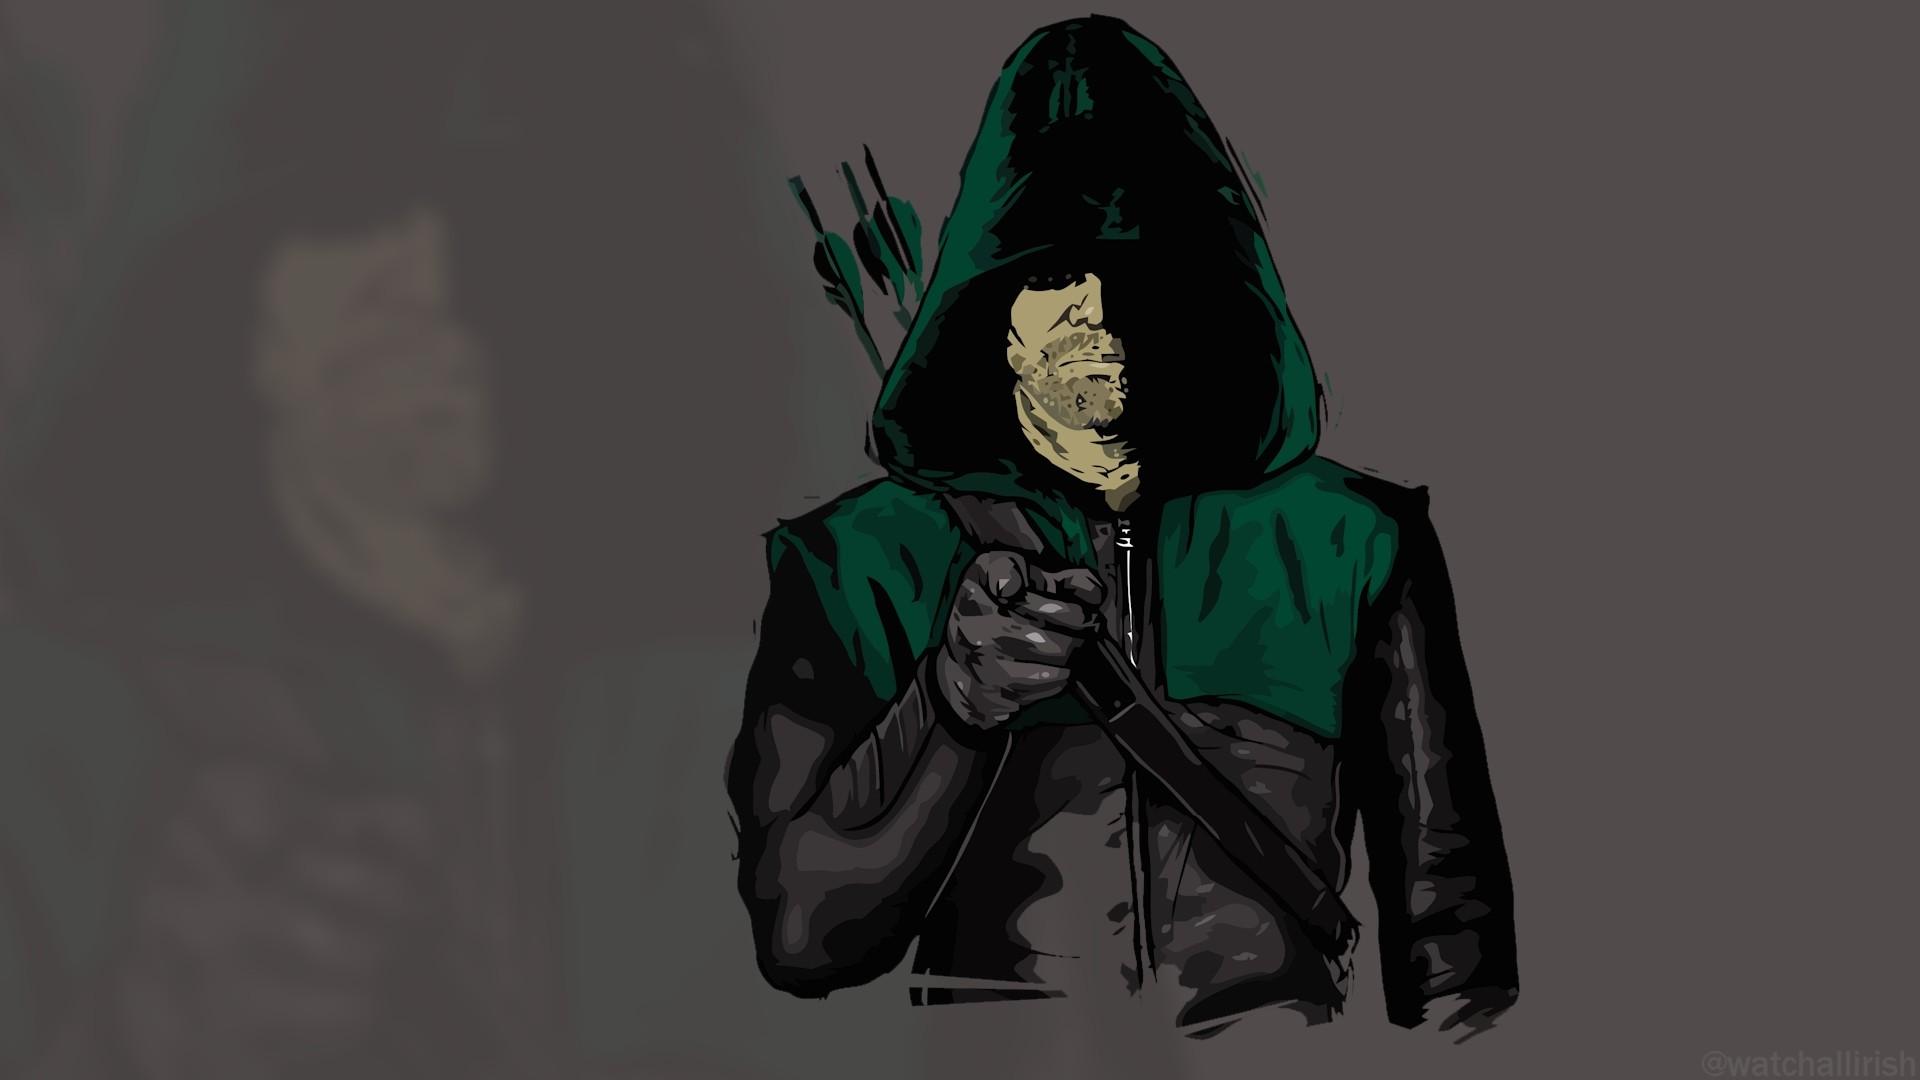 Green Arrow Wallpaper Hd 81 Images